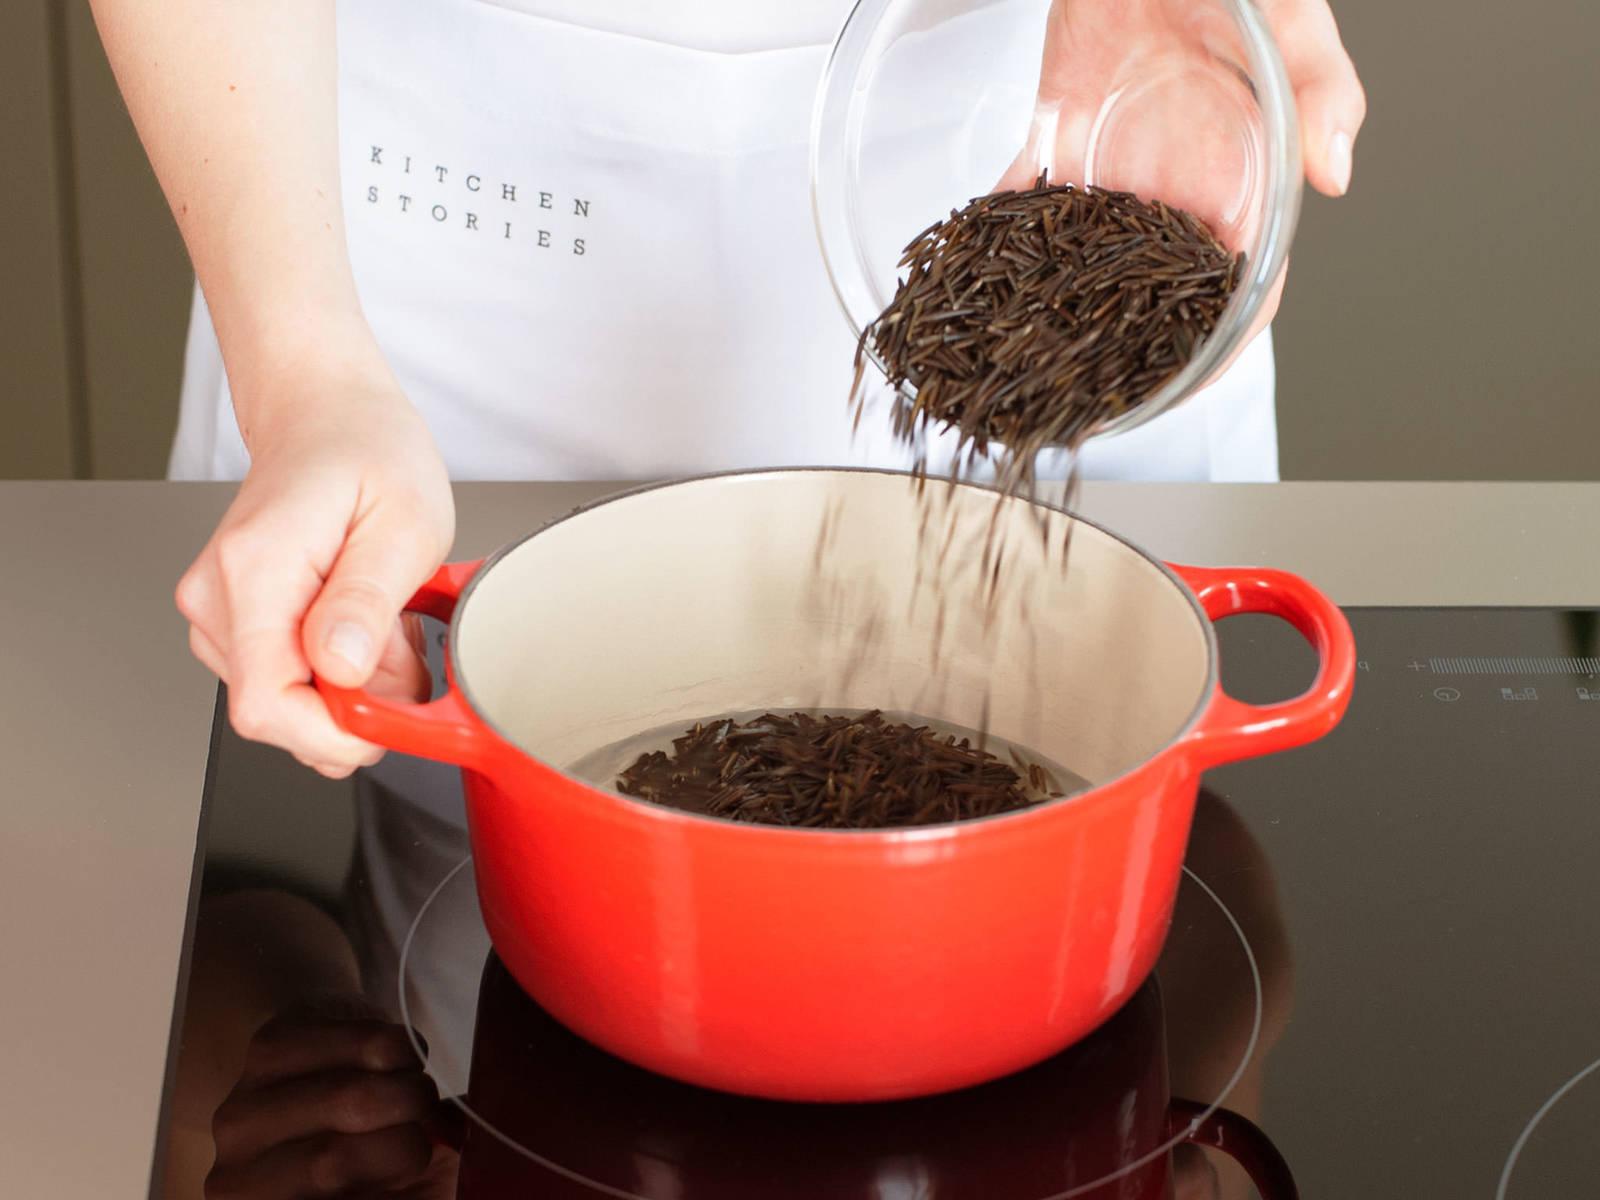 在小锅中将水煮沸,加盐后放入菰米,煮至微沸,调至低温并加盖。按照包装说明煮35-40分钟。停止加热后静置备用。